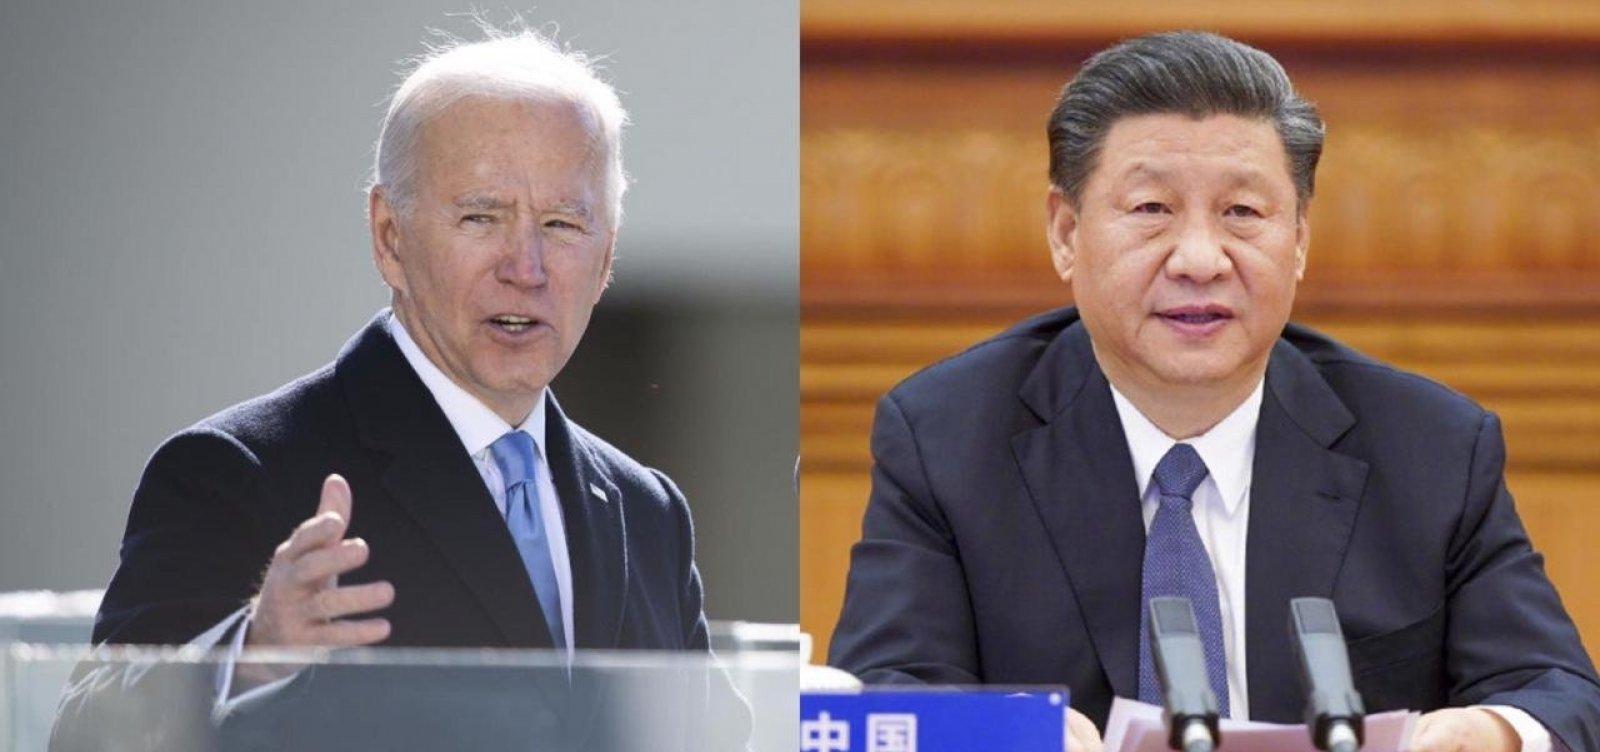 Biden conversa pela primeira vez com presidente da China